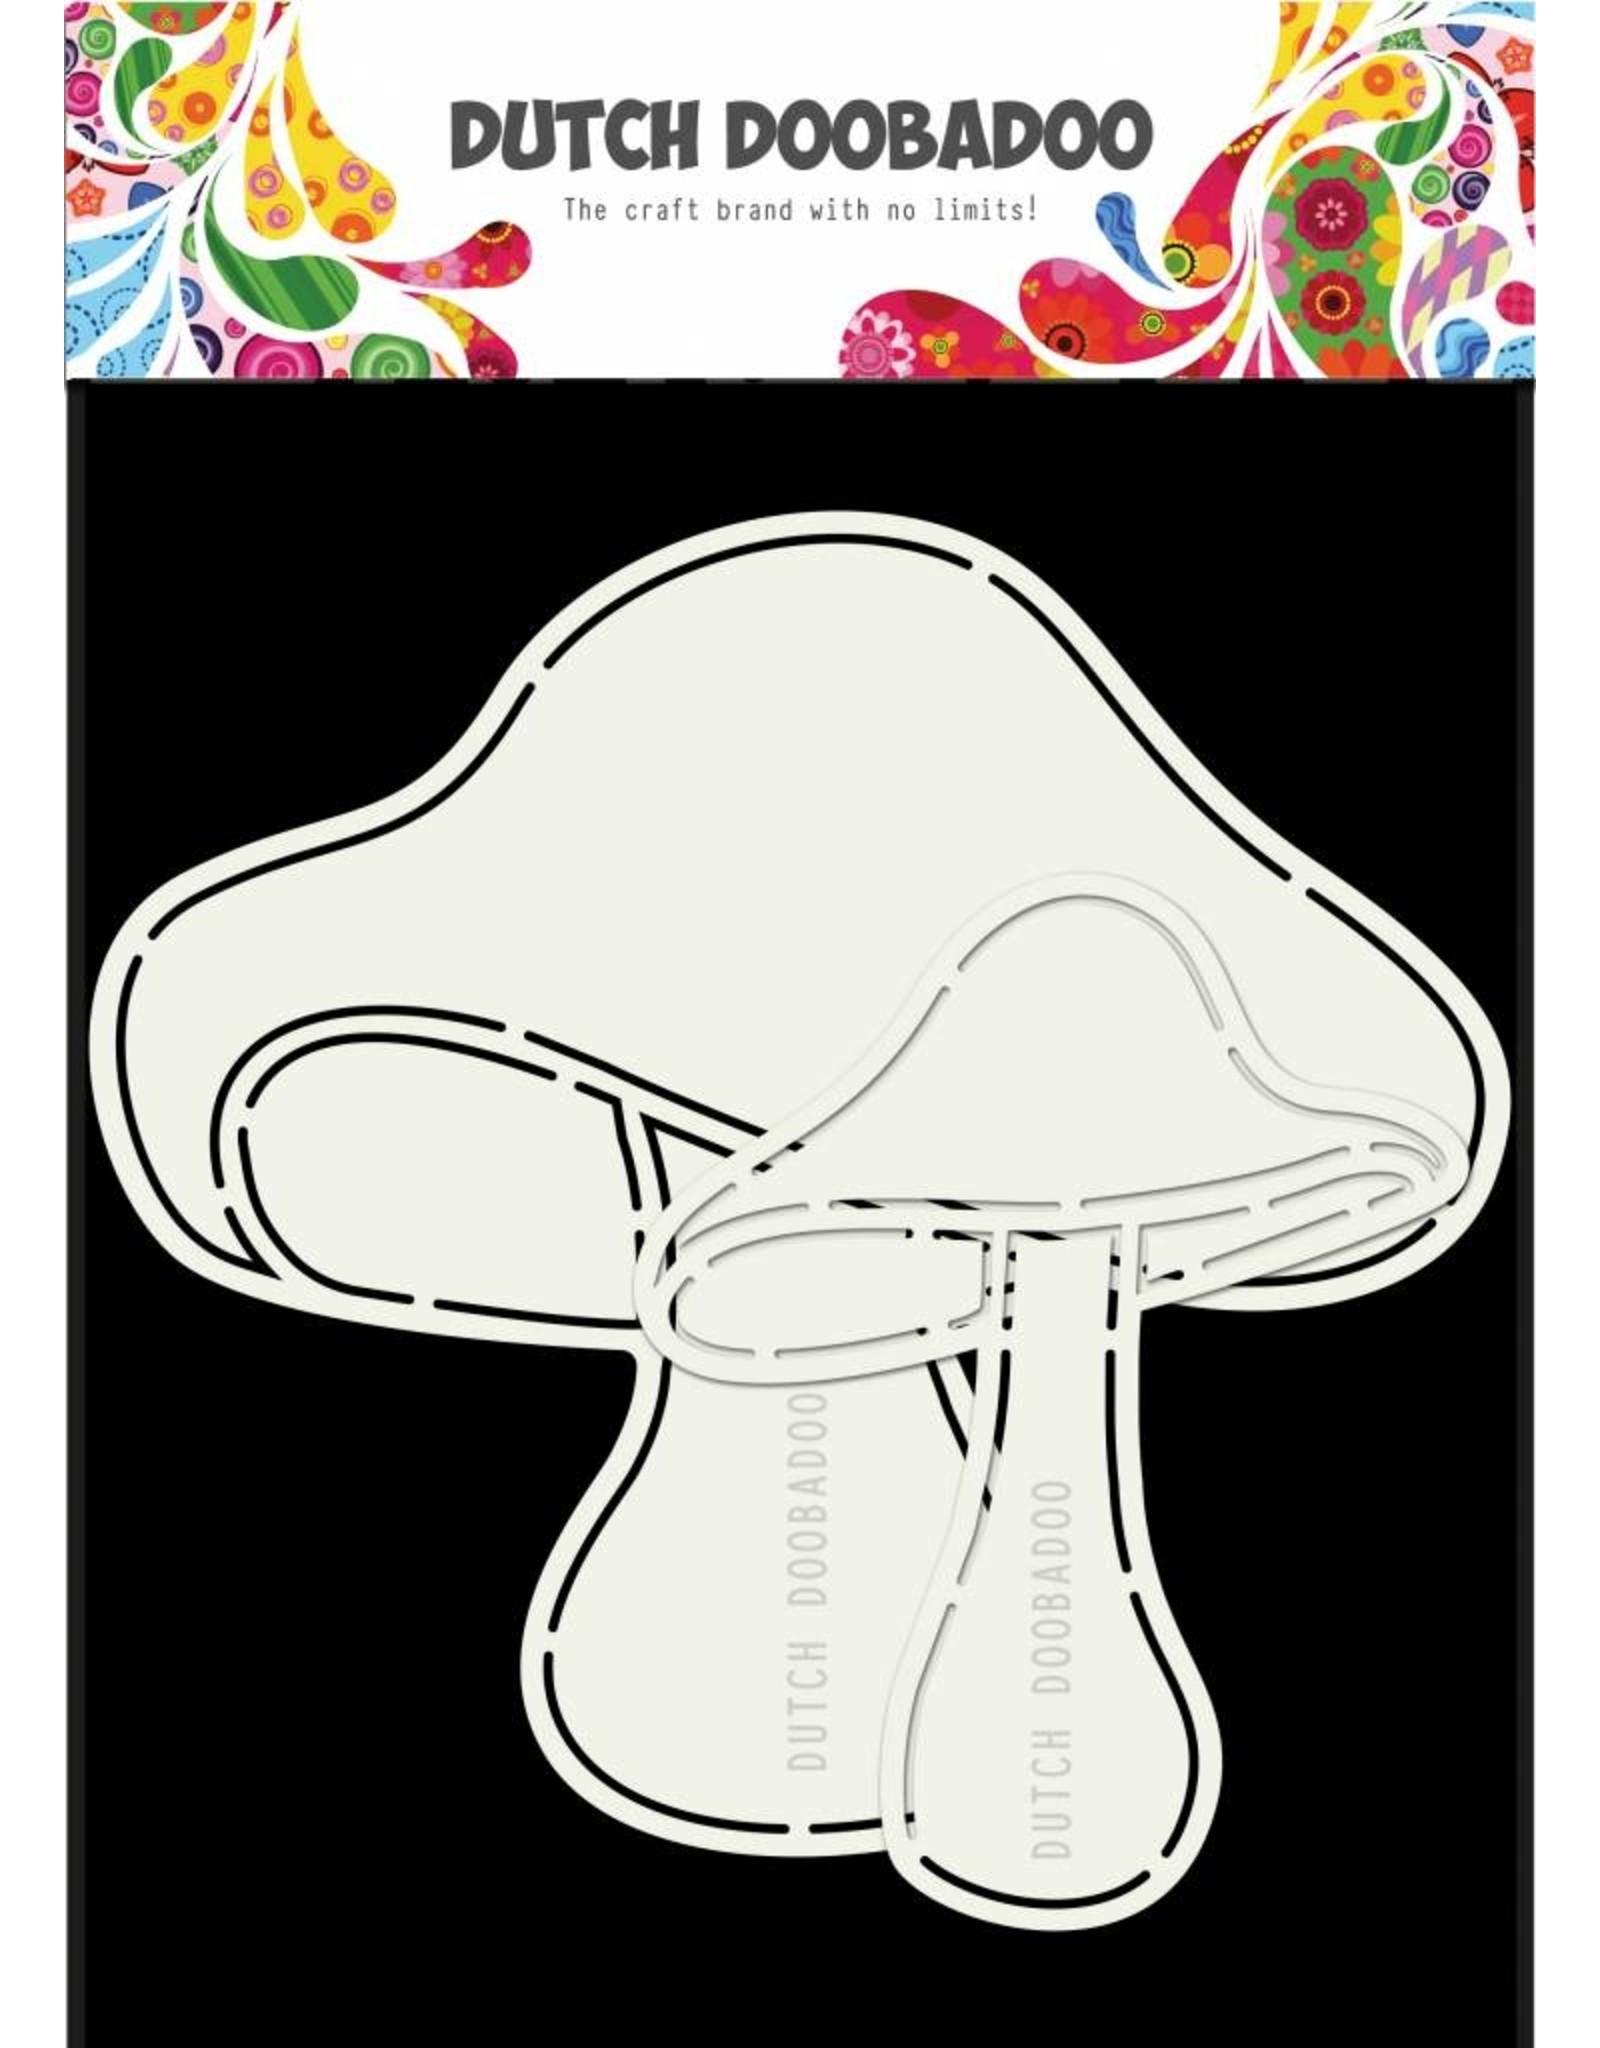 Dutch Doobadoo Dutch Card Mushrooms 2pcs A5